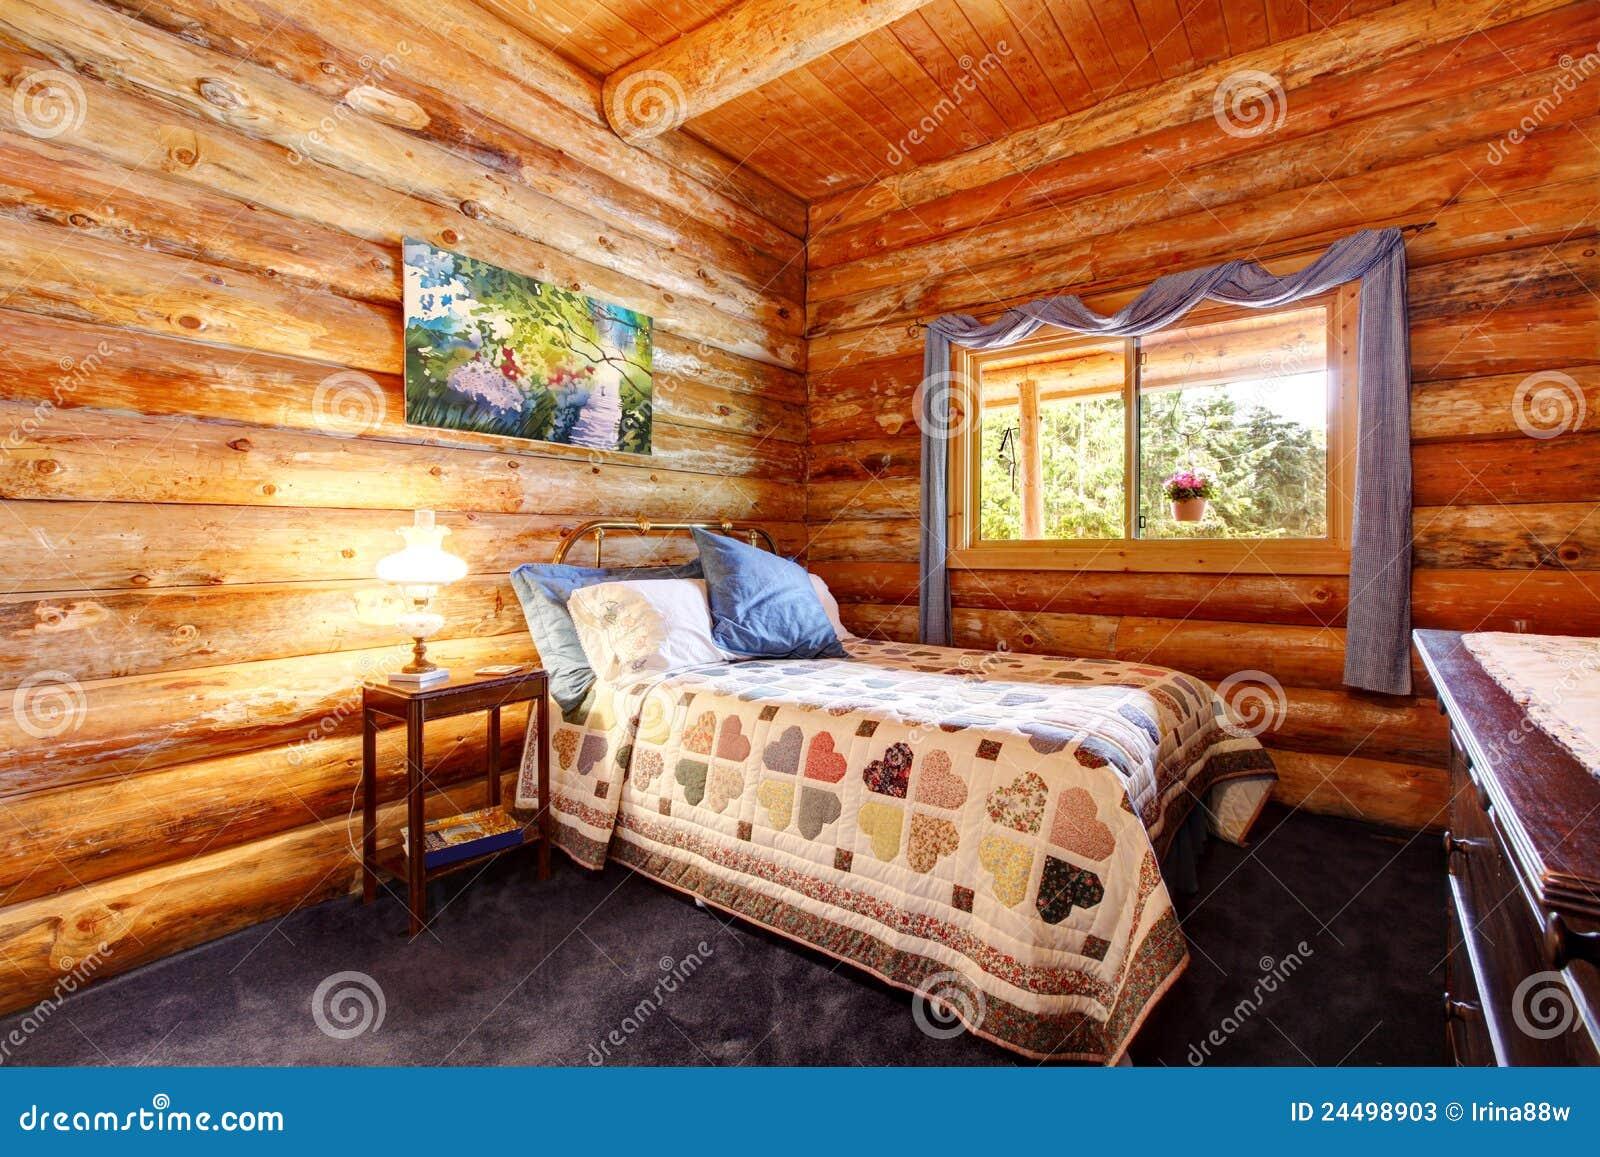 Quarto r stico da cabana r stica de madeira com cortinas - Cortinas para casa rustica ...